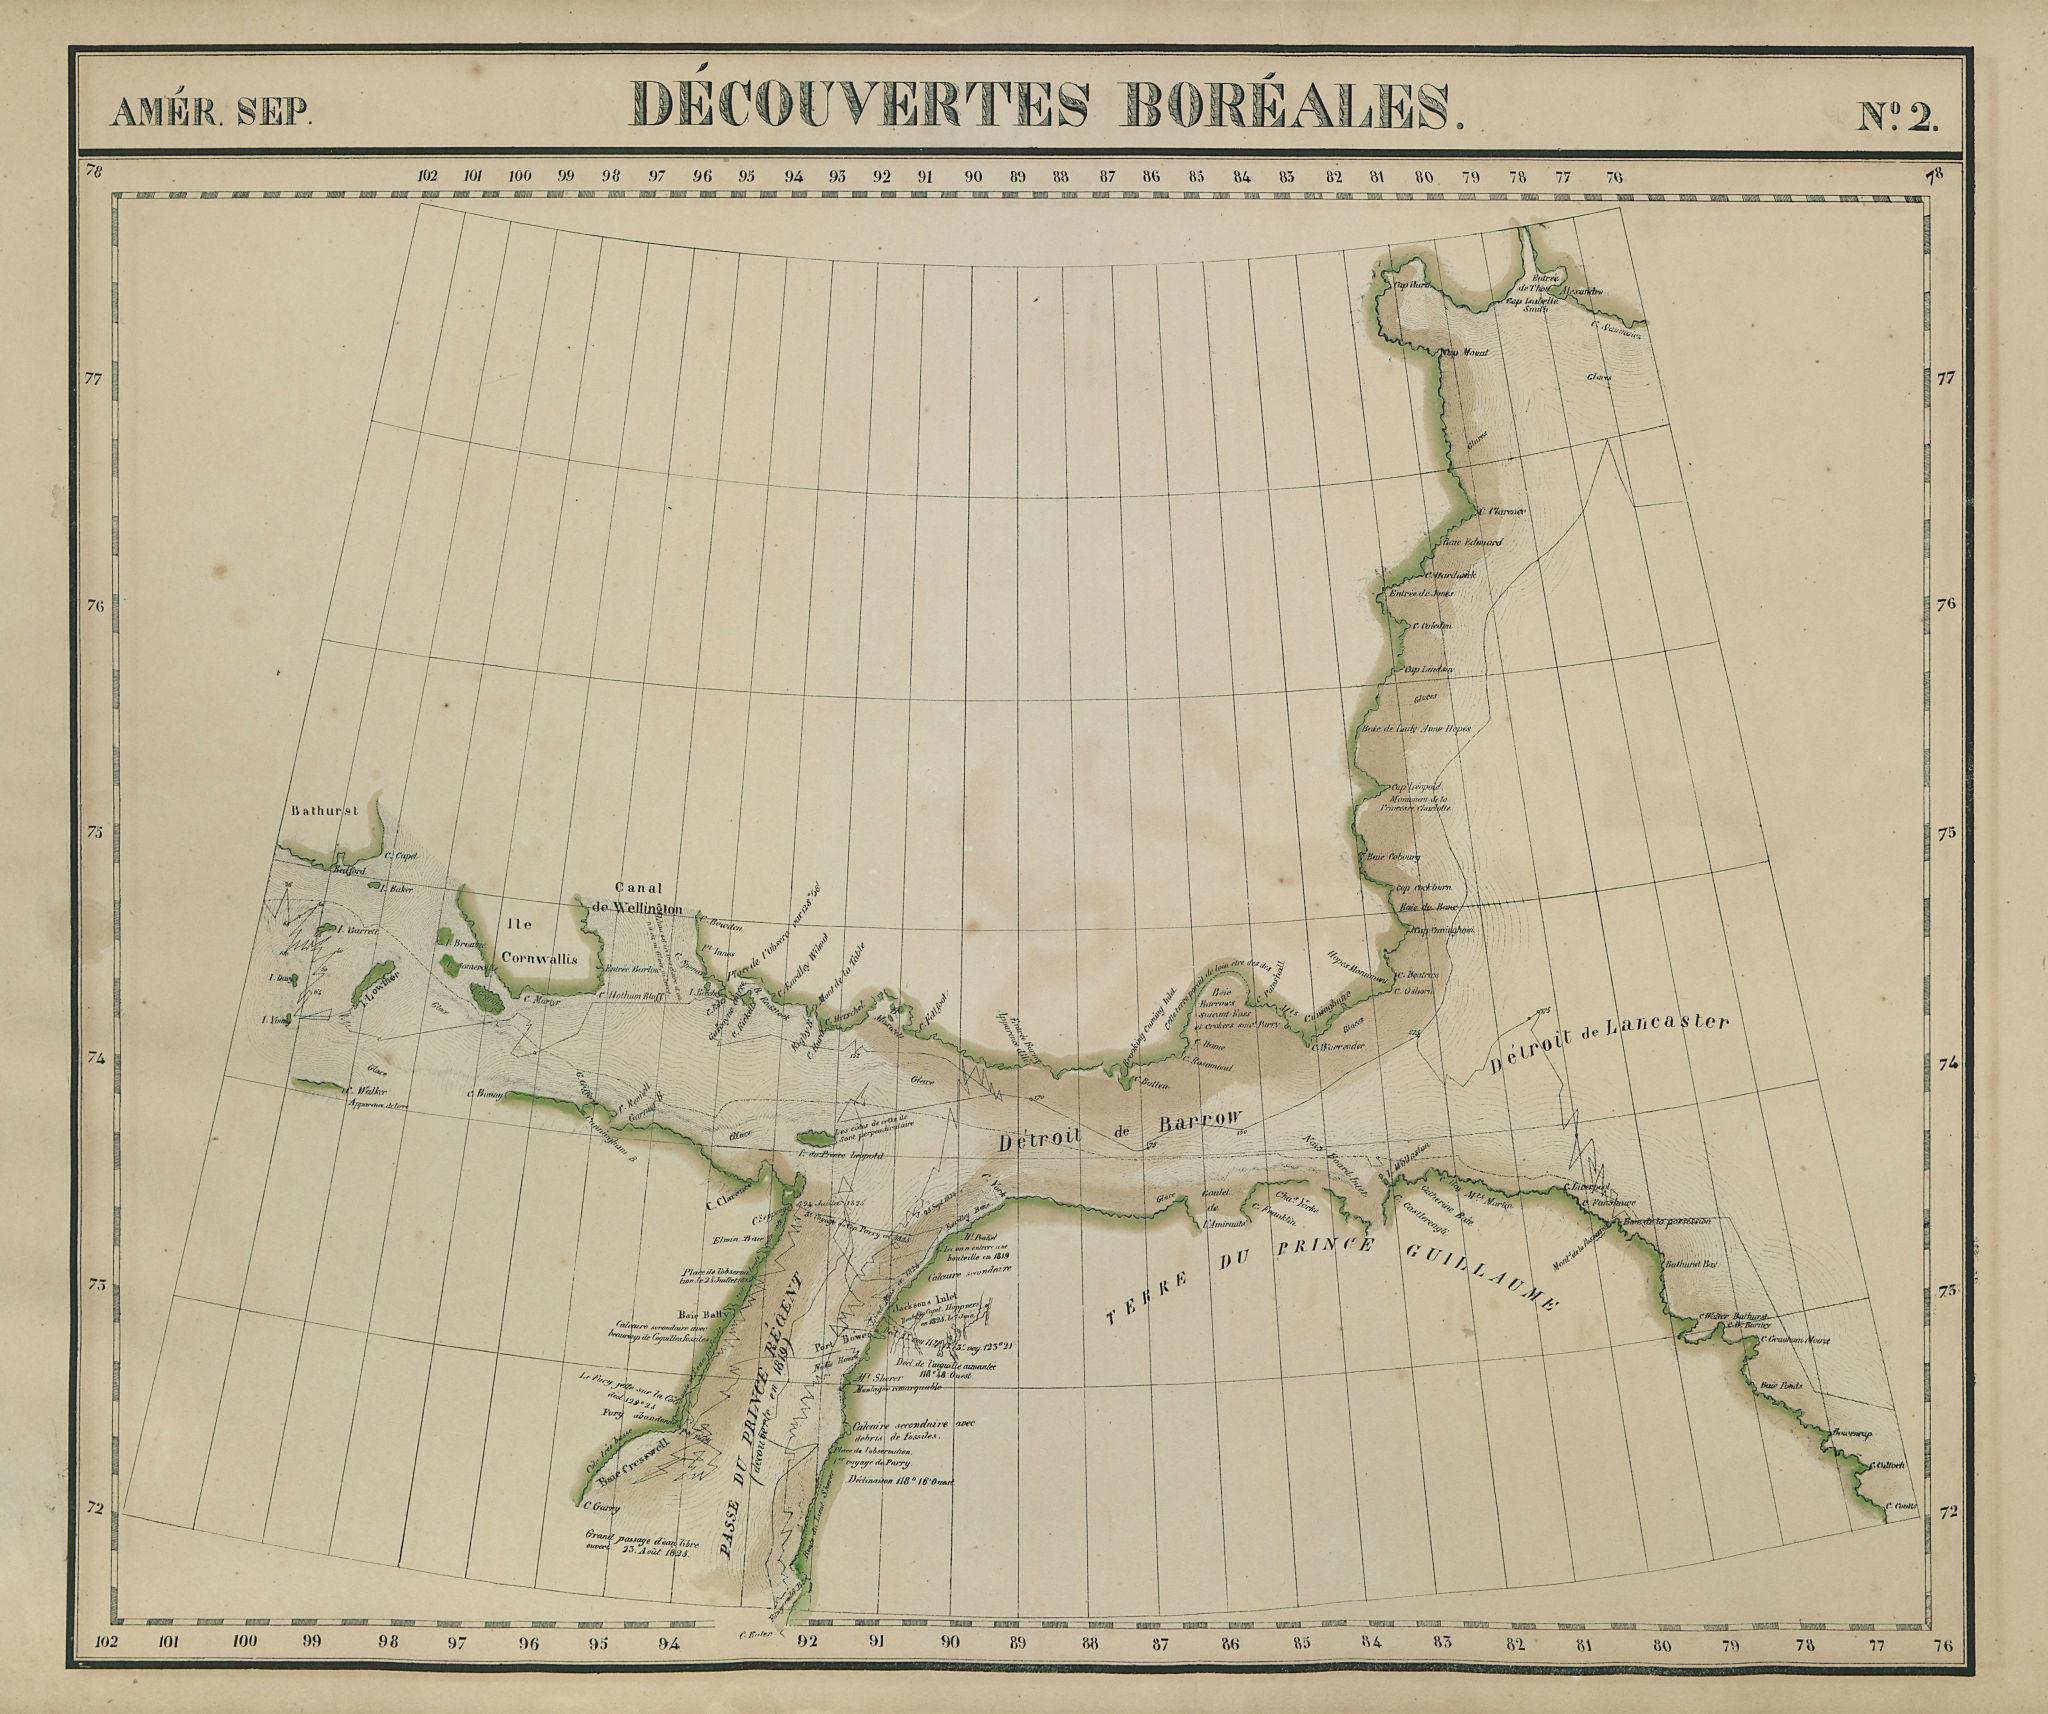 Amér. Sep. Découvertes Boréales #2. Nunavut. Barrow Strait VANDERMAELEN 1827 map